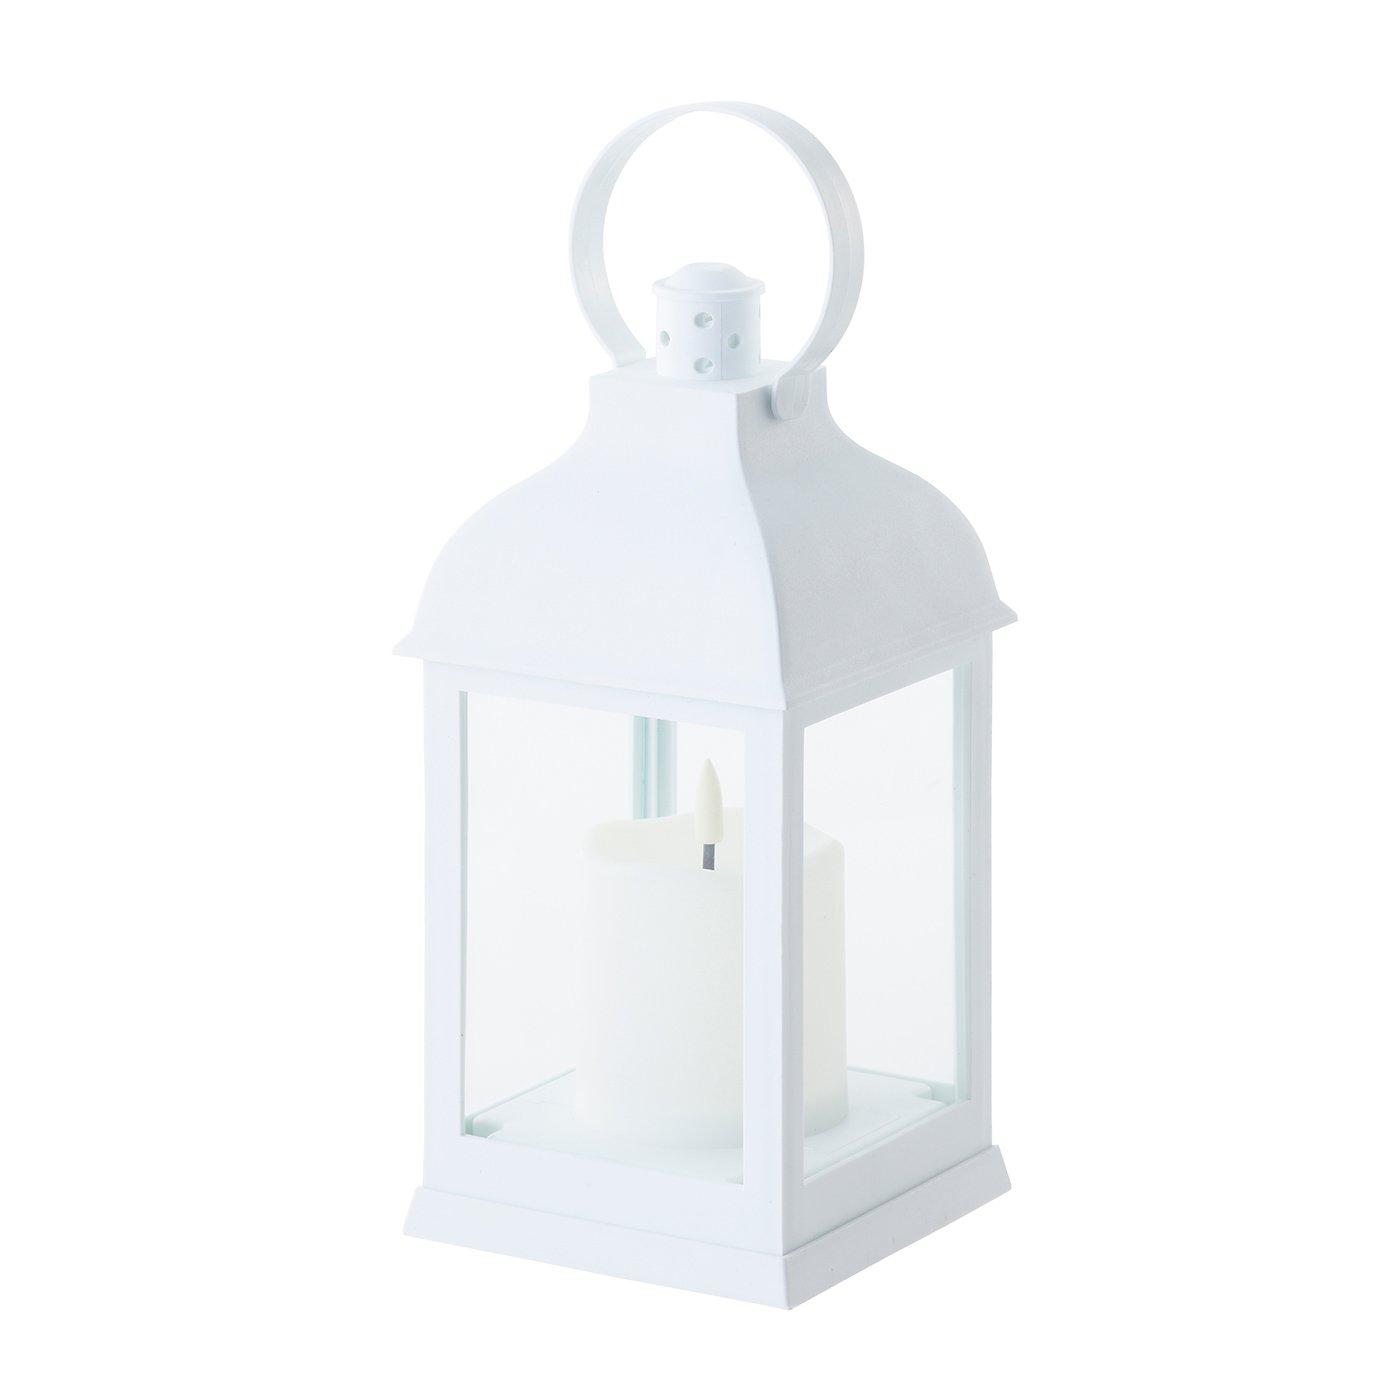 こころやすらぐLEDのゆらめき リューマル LED ランタン ハウスカーブ